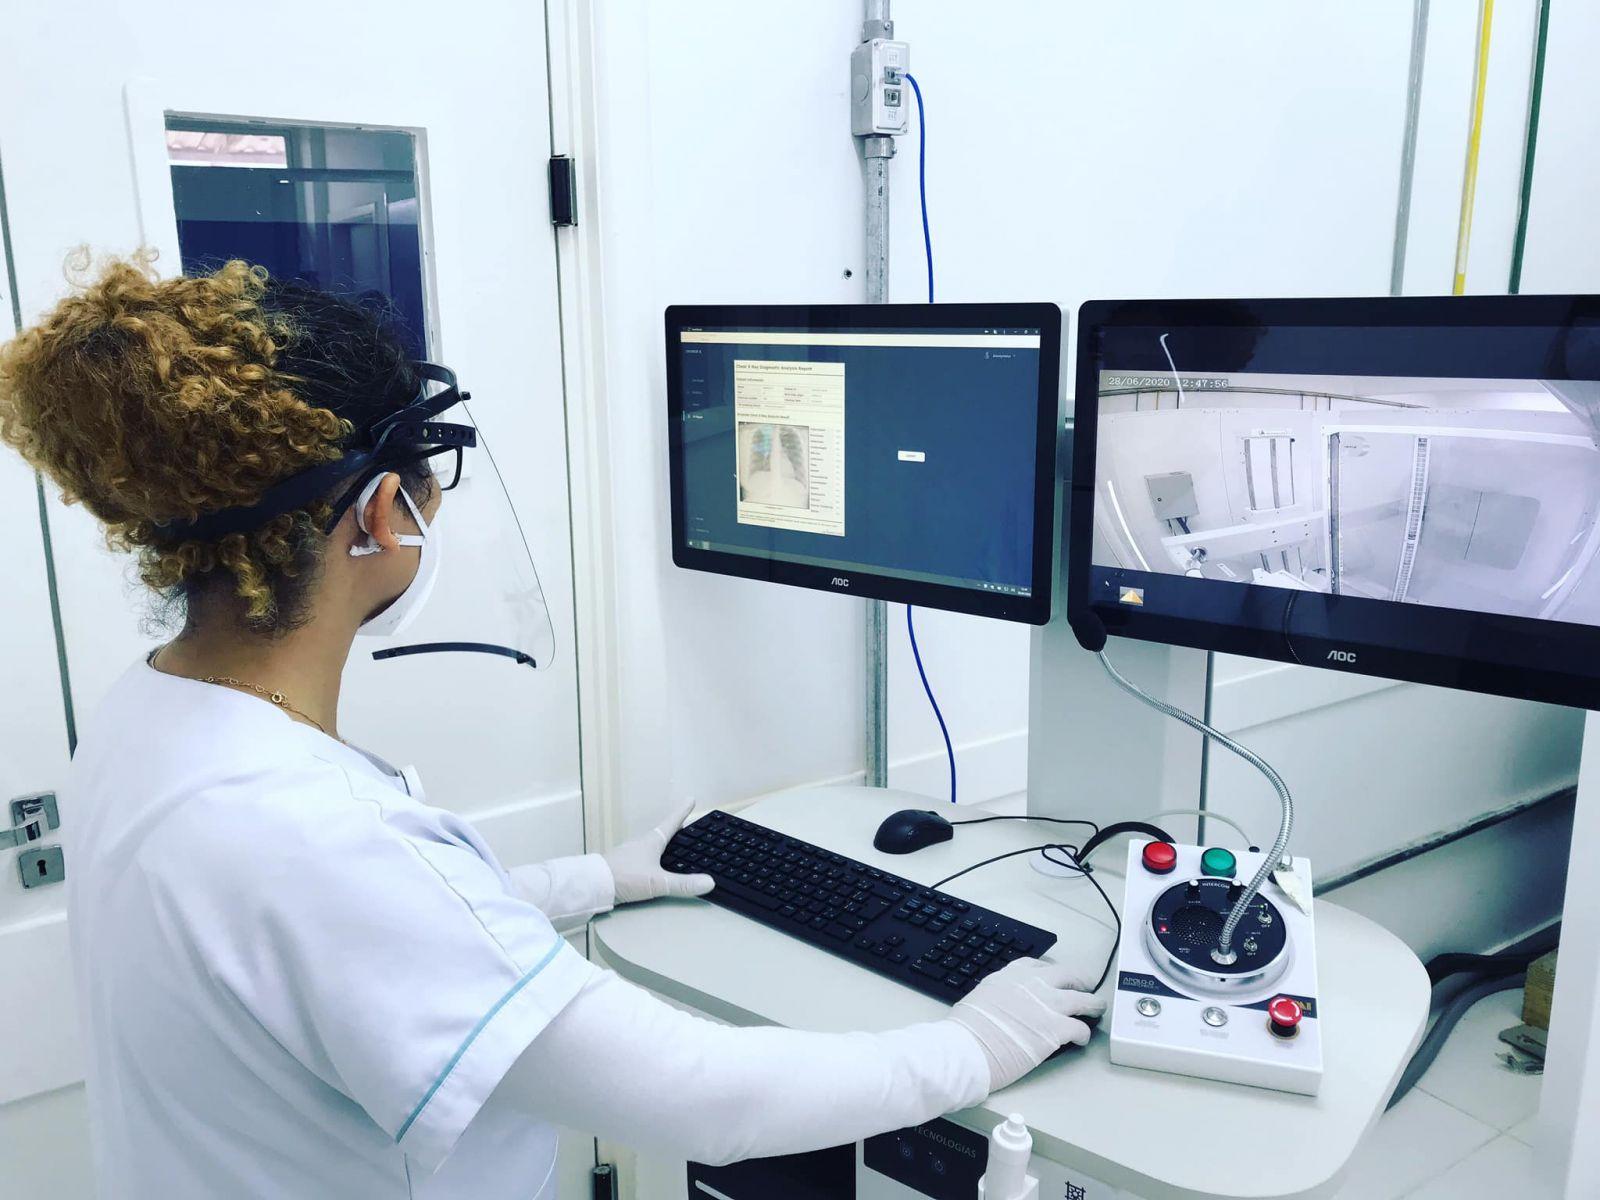 Covid-19: Centro de testagem começa a funcionar em Lagoa santa